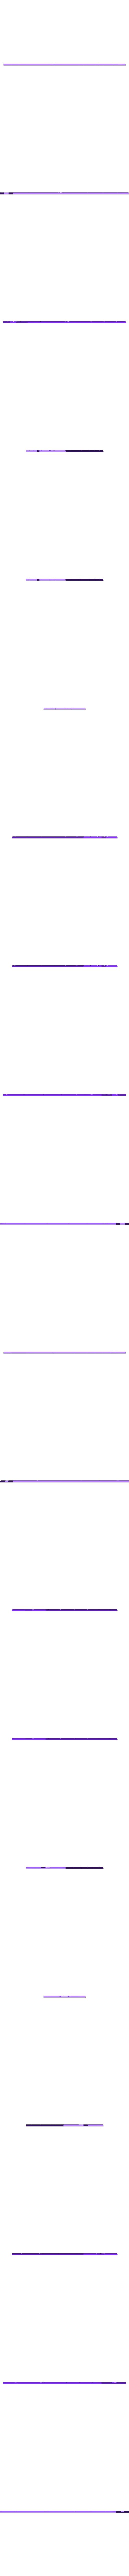 arm_2.stl Télécharger fichier STL gratuit Kara Kesh (arme de poing goa'uld) • Plan pour imprimante 3D, poblocki1982